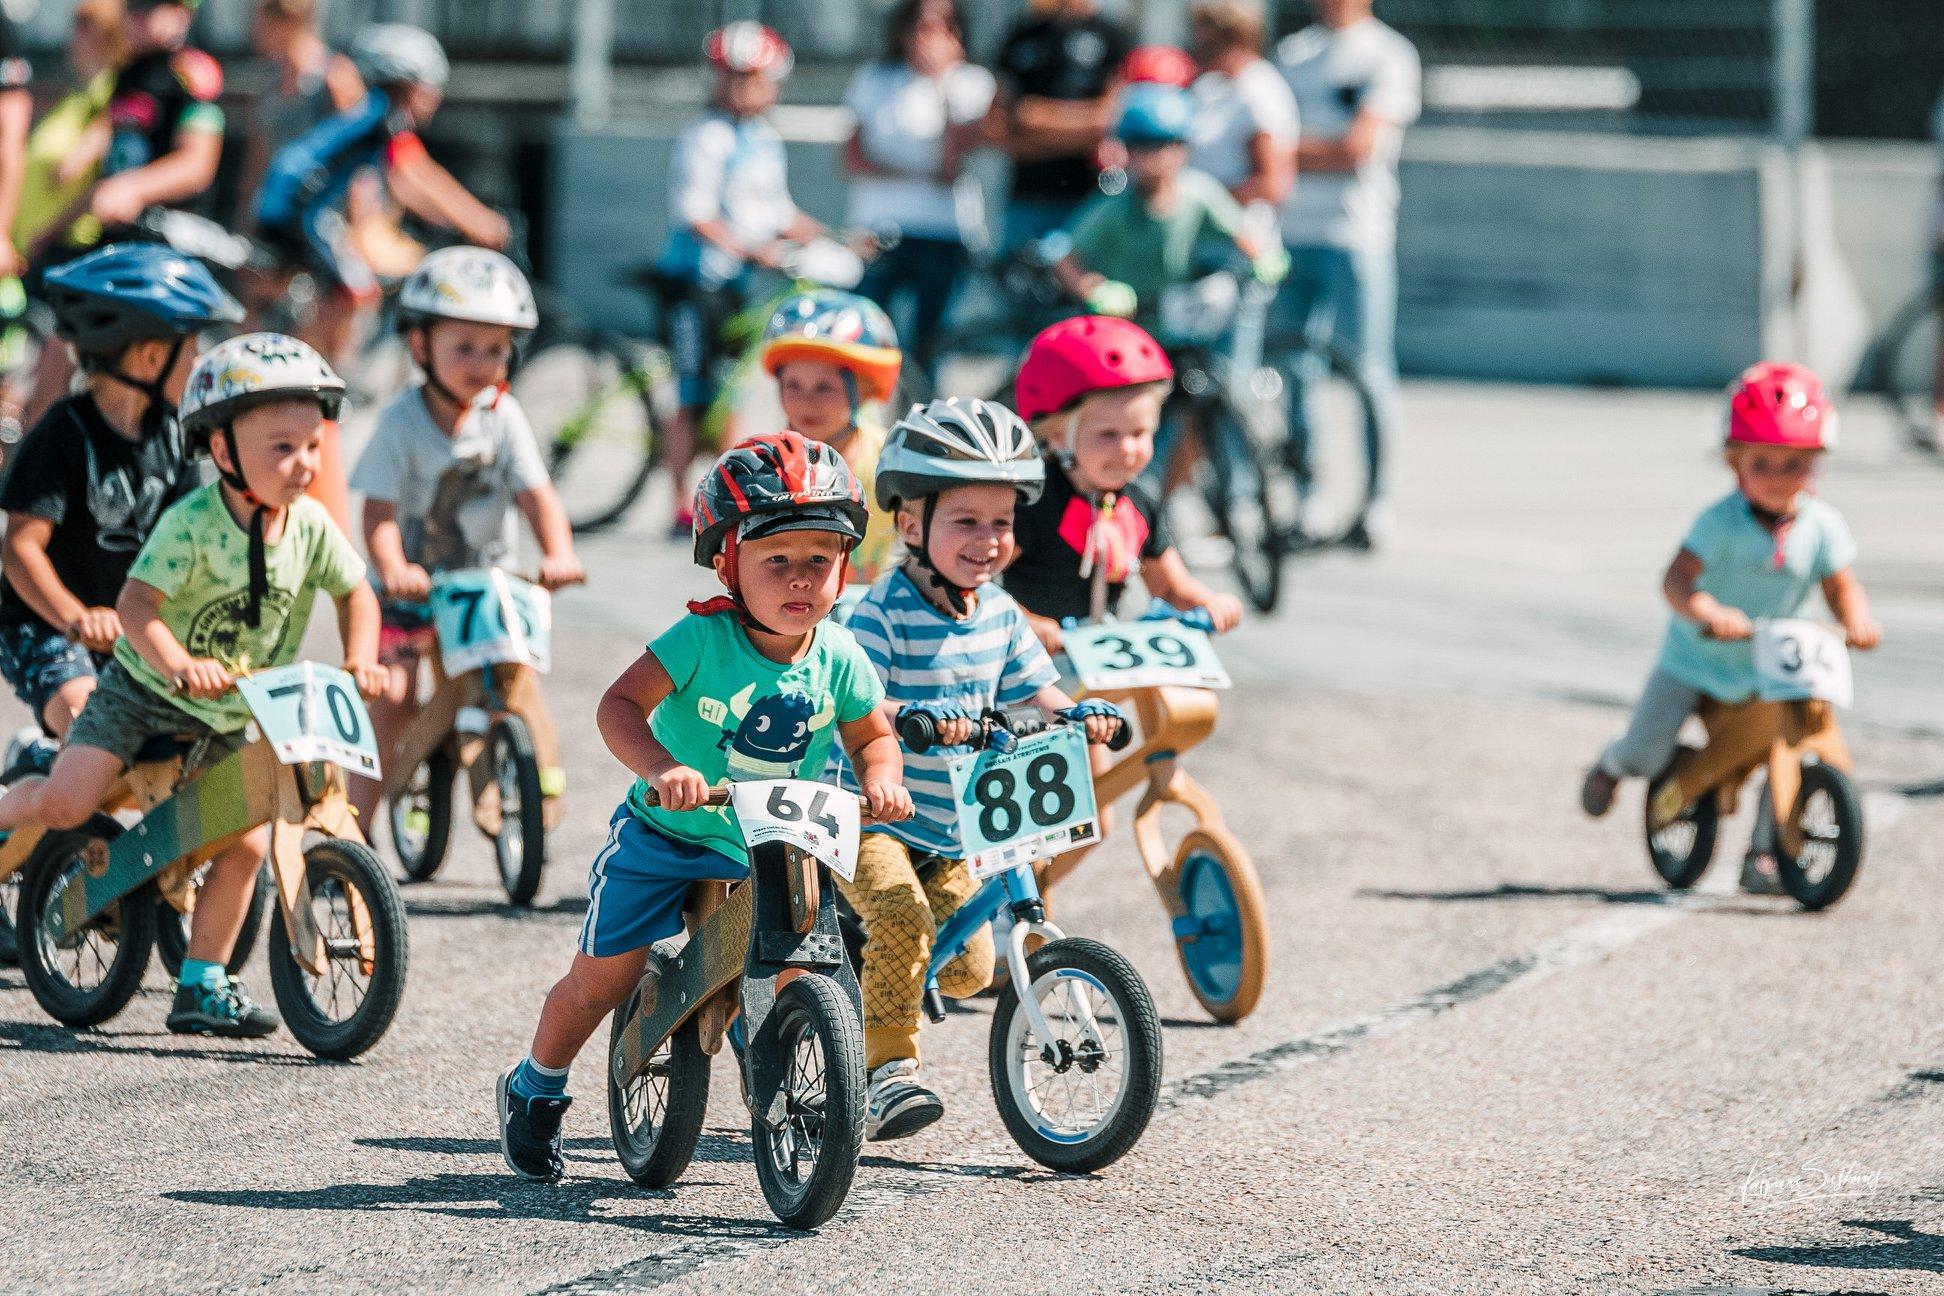 """Turpinās pieteikšanās 4. augustā gaidāmajām bērnu un jaunatnes riteņbraukšanas sacensībām """"Rīgas lielā balva"""""""